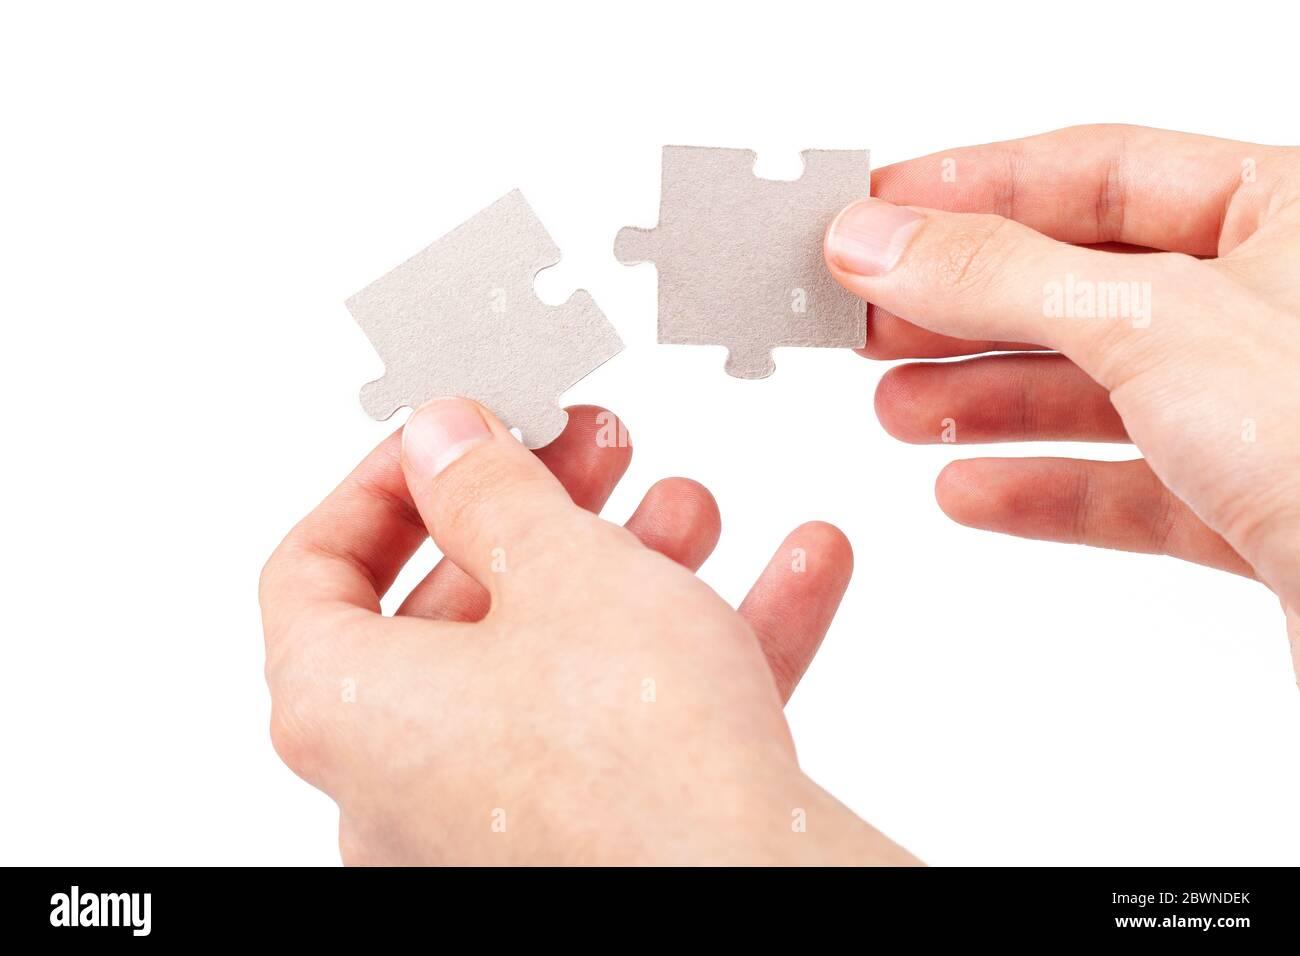 Hände zusammen, Verbindung zwei passende leere Puzzle-Teile, Fügen entsprechende Teile, Elemente isoliert auf weiß, ausgeschnitten Stockfoto